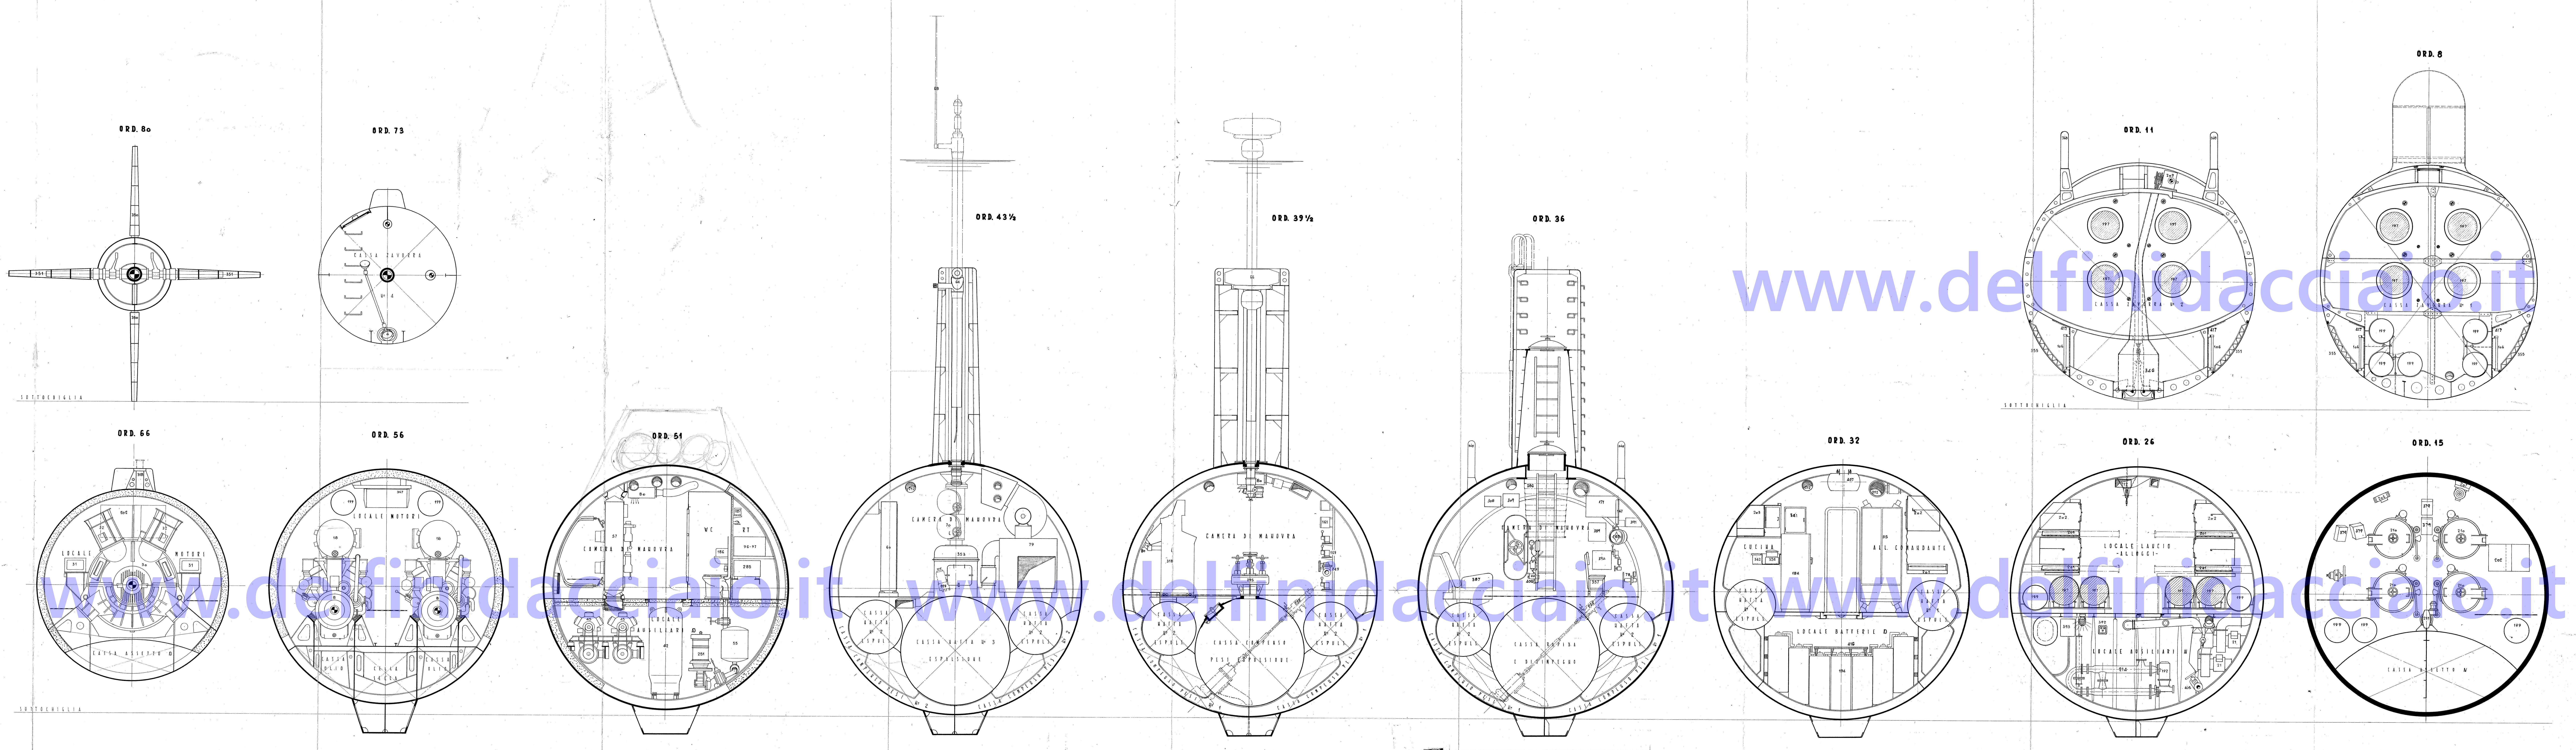 Piani di costruzione for Negozi piani di costruzione